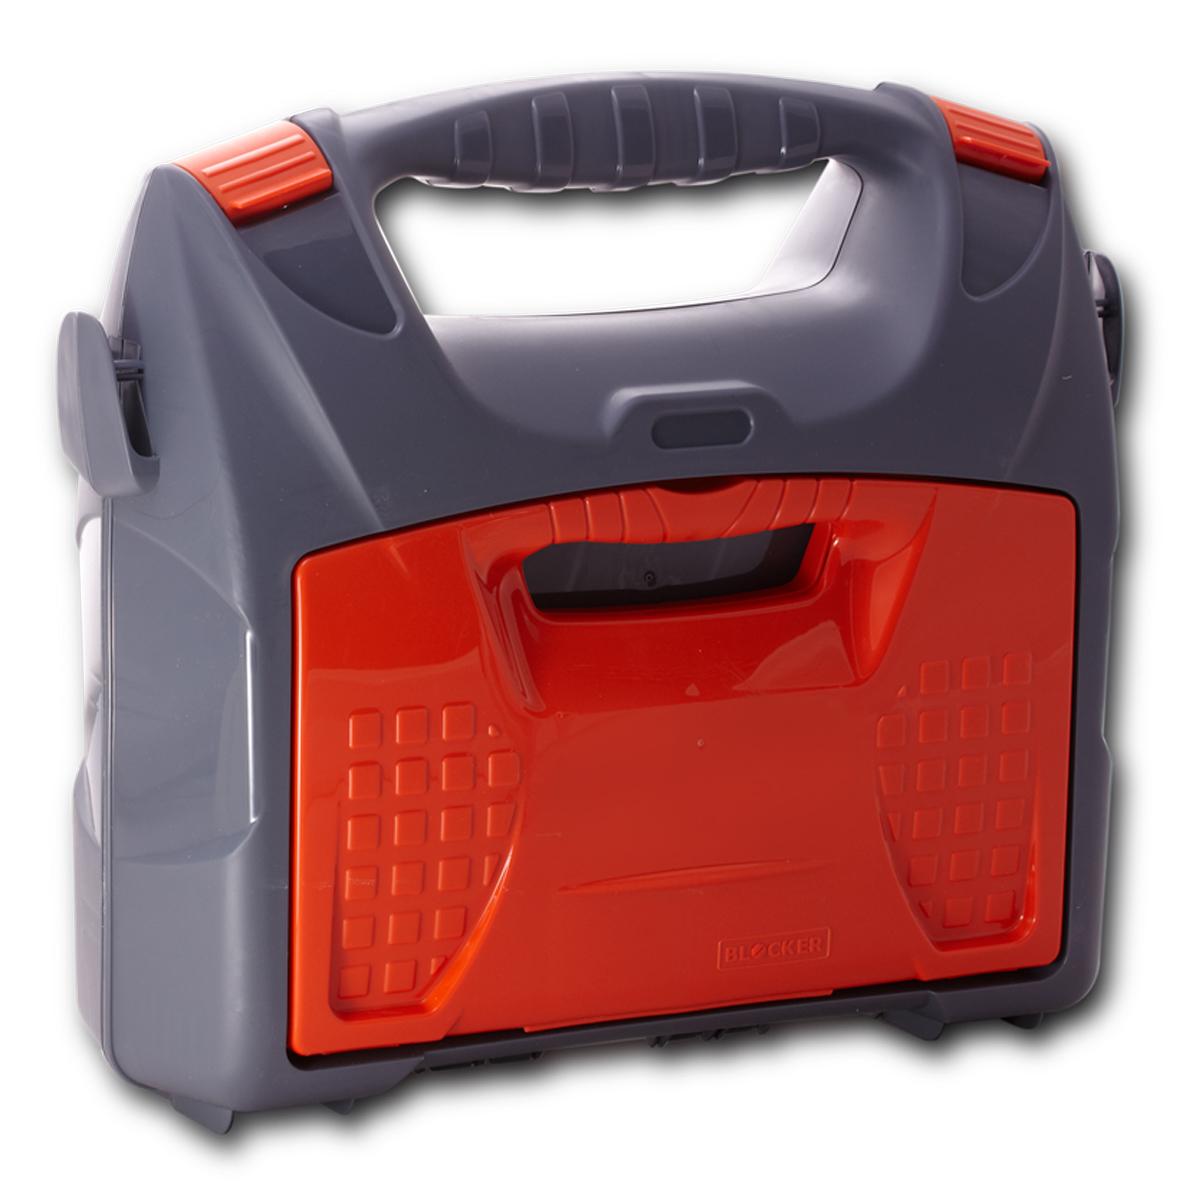 Кейс для электроинструмента Blocker Elekoffer +, с органайзером, цвет: серый, оранжевый, 415 х 361 х 141 ммBR3716СРСВИНЦОРКейс для электроинструмента Blocker Elekoffer + имеет оптимальную форму для размещения большинства известных домашних электроинструментов: дрели, угловой шлифовальной машины (болгарки), электролобзика, шуруповерта. Отличительными особенностями кейса являются: съемный органайзер для сверел и буров, оригинальный дизайн, эргономичная ручка, боковые зацепы для наплечного ремня.